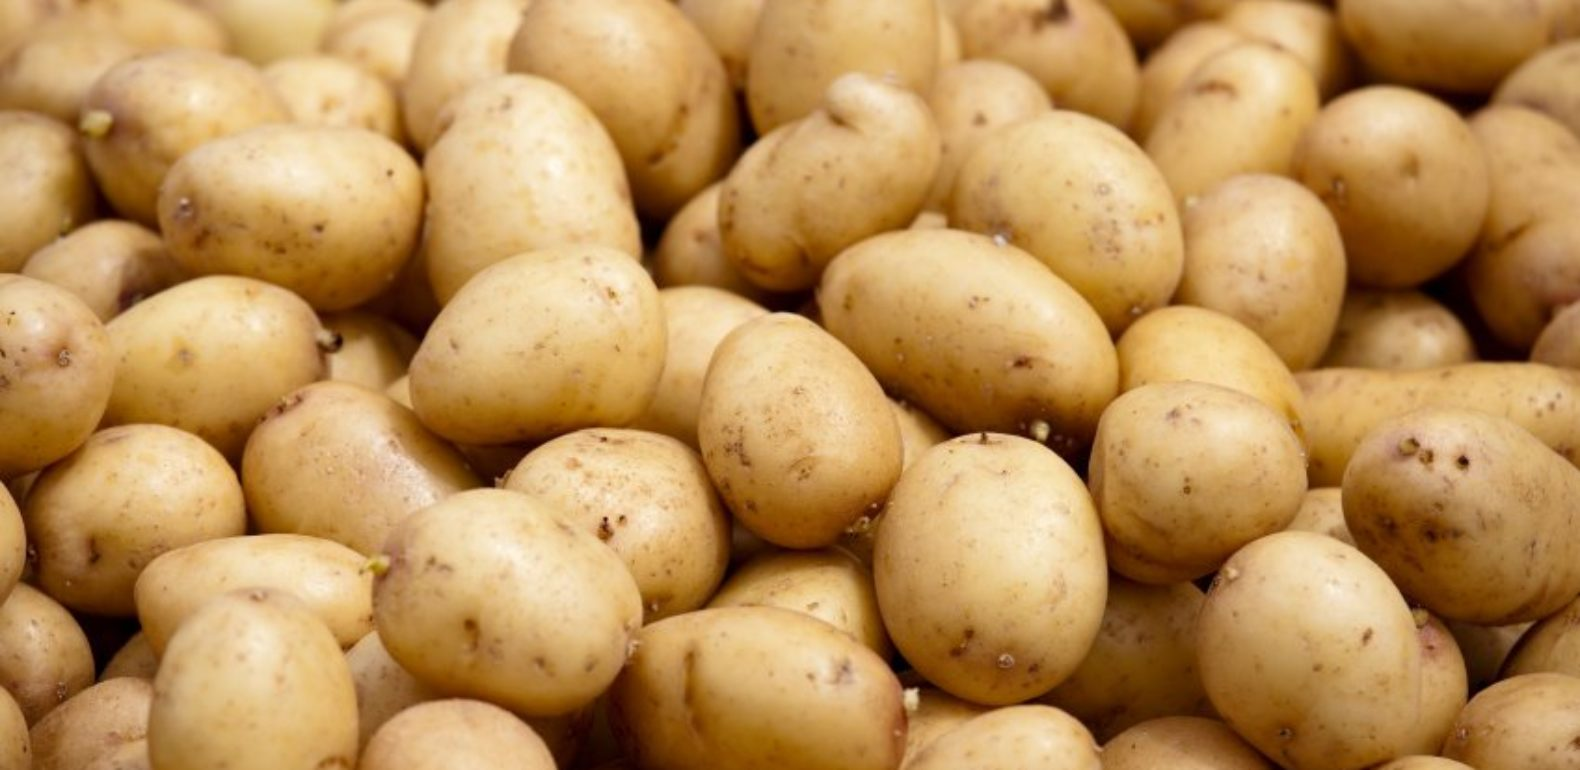 Le jus de pomme de terre l alli de votre estomac - Faire germer des pommes de terre ...